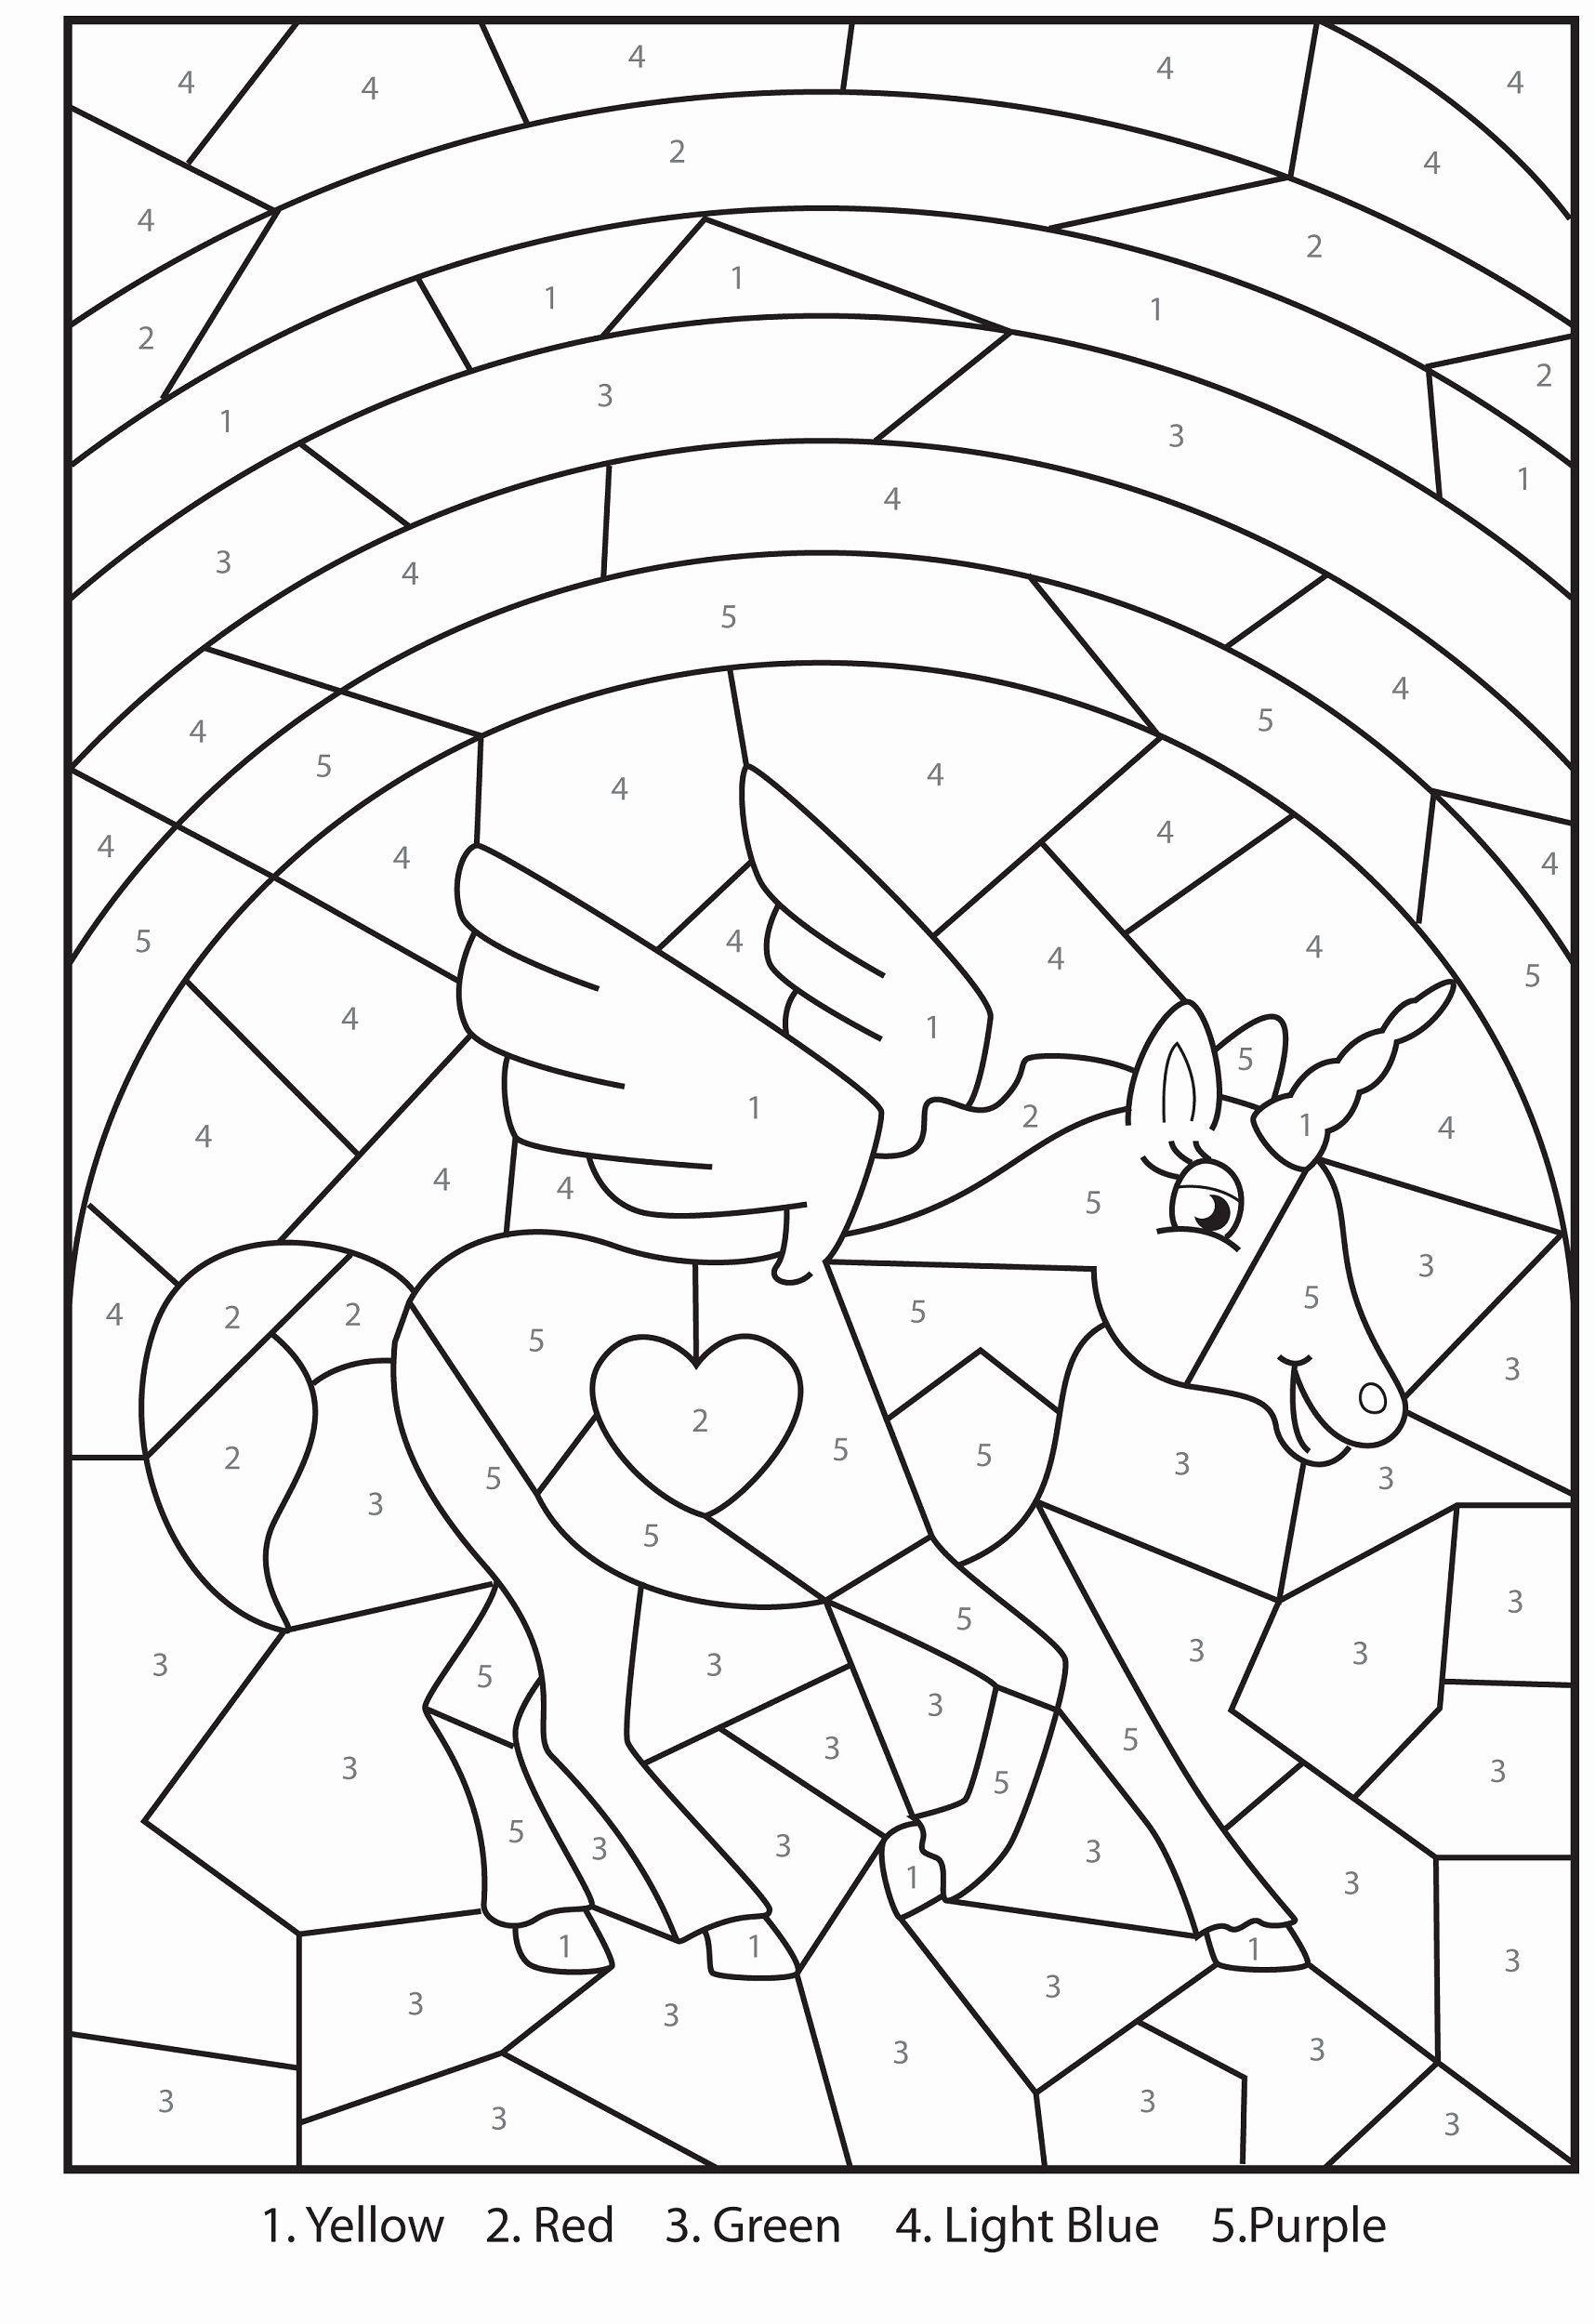 Hidden Picture Coloring Sheets Best Of Hidden Picture Color By Number Malvorlage Einhorn Kostenlose Ausmalbilder Kinderfarben